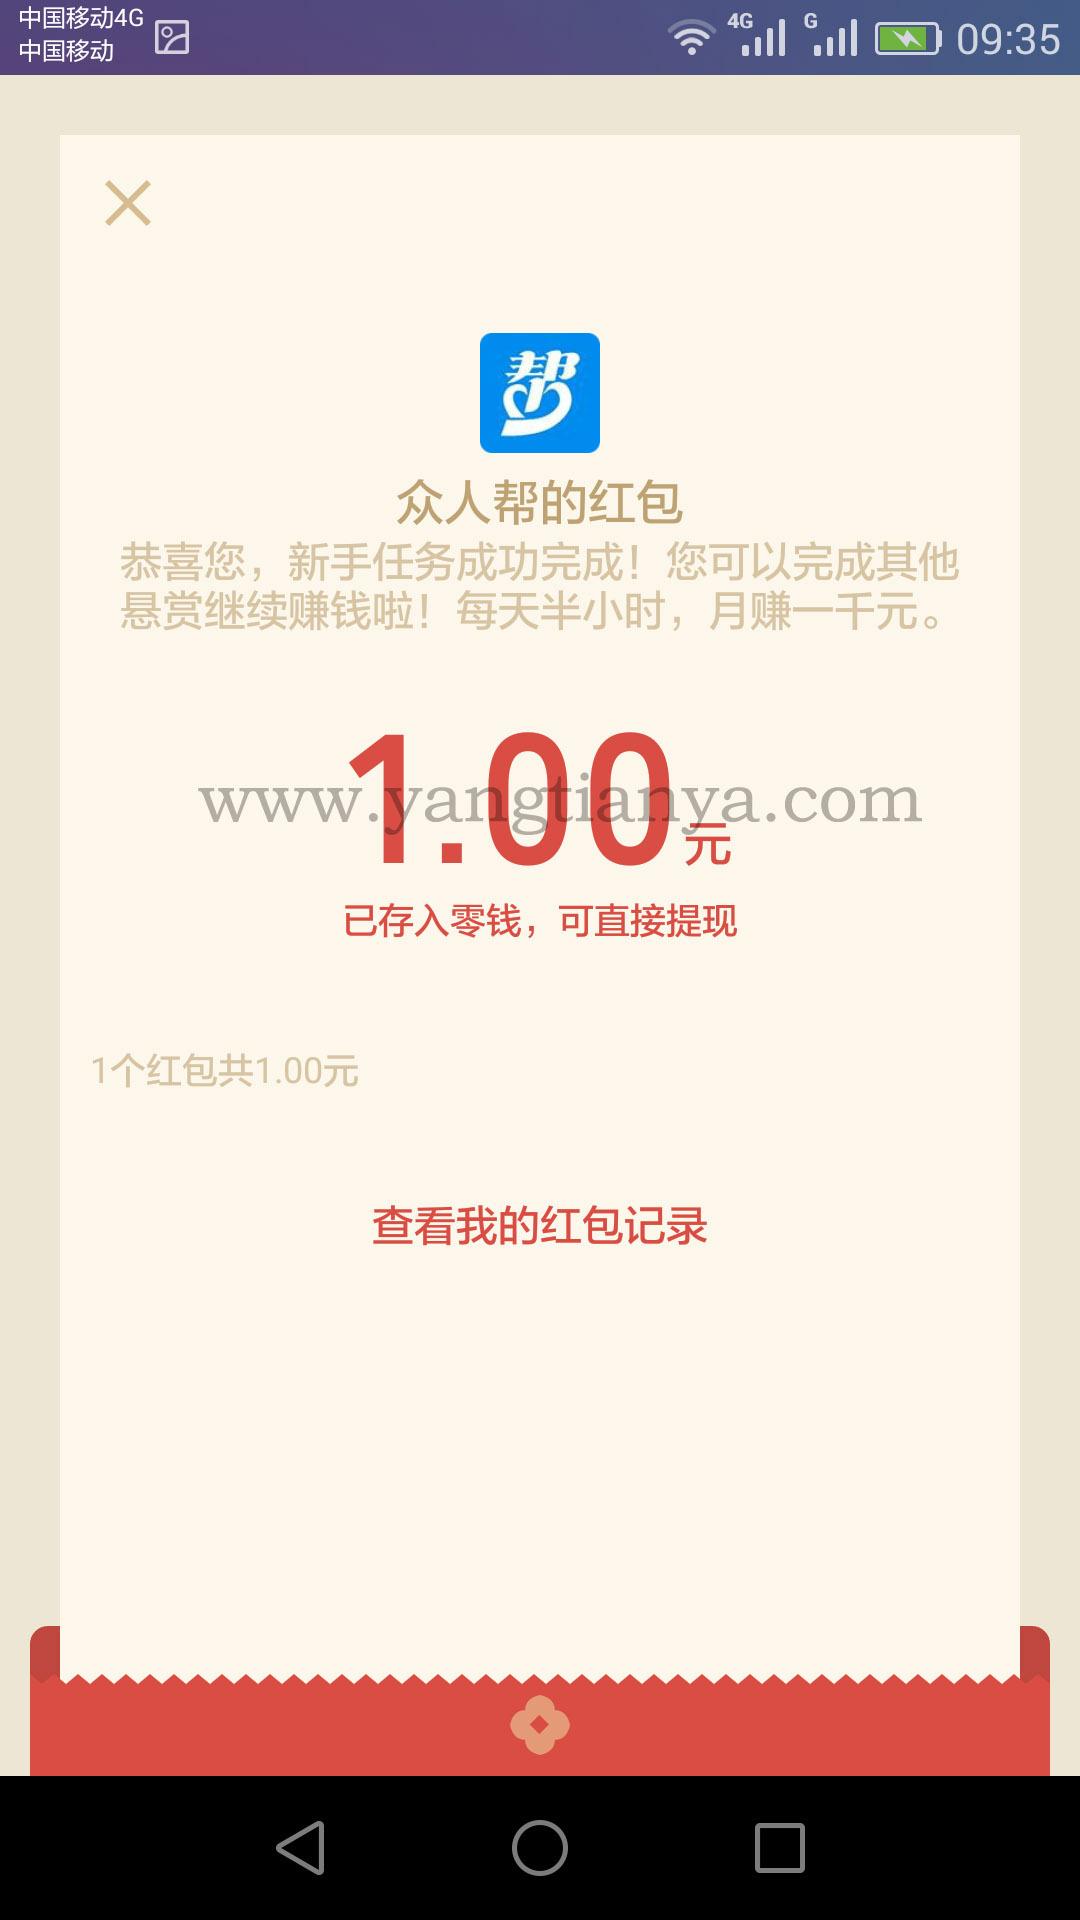 众人帮,新用户注册完成新人任务送1元微信红包图片6